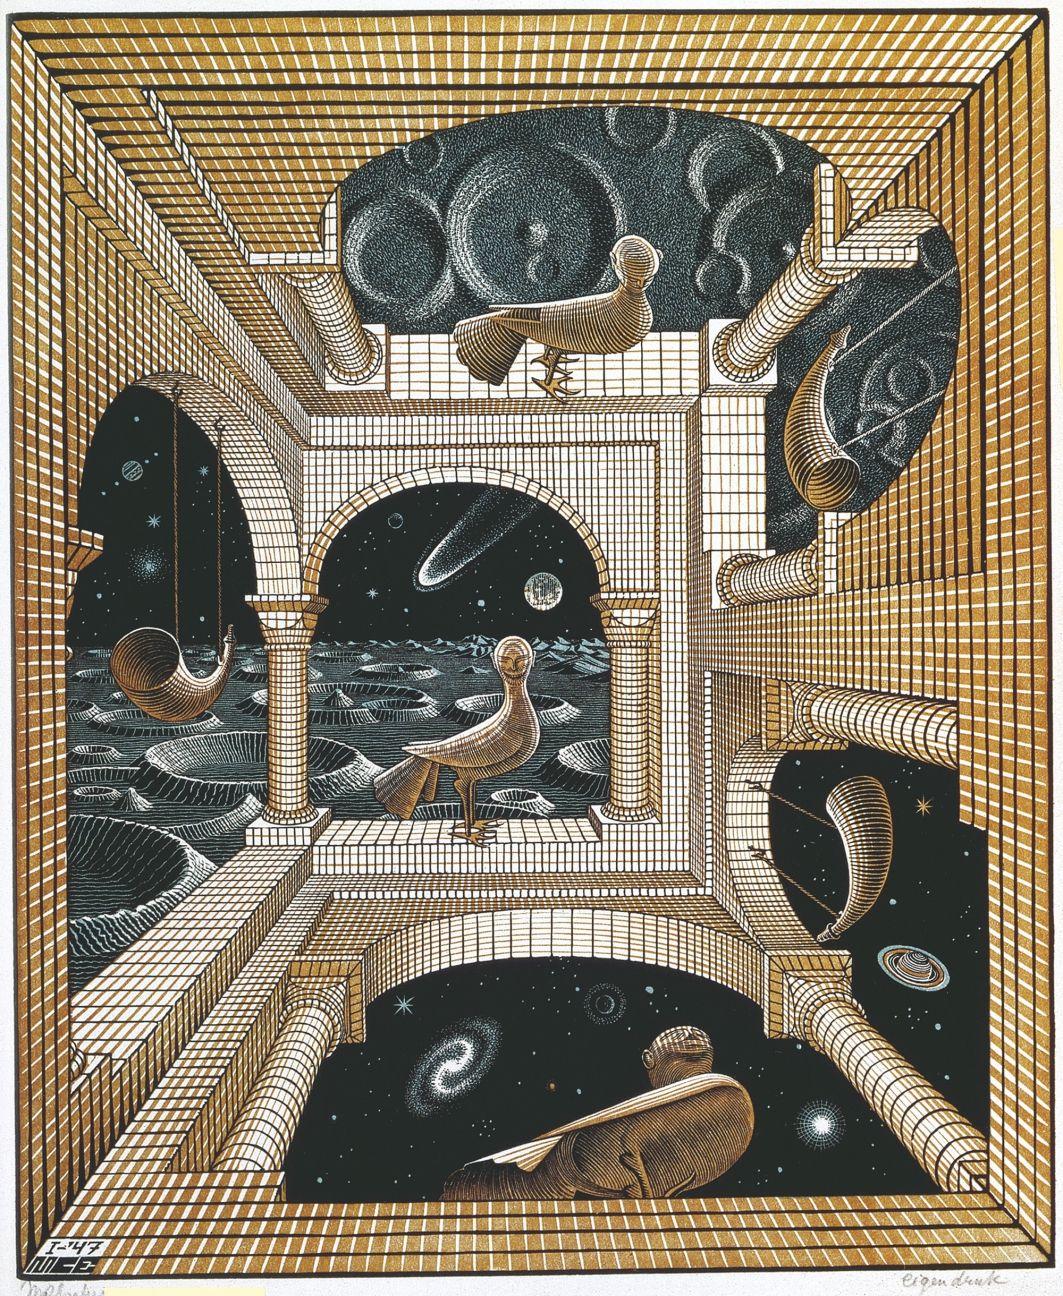 El arte imposible de M. C. Escher se instala en Madrid a partir de febrero. Es una de las recomendaciones de nuestra agenda cultural de esta semana.